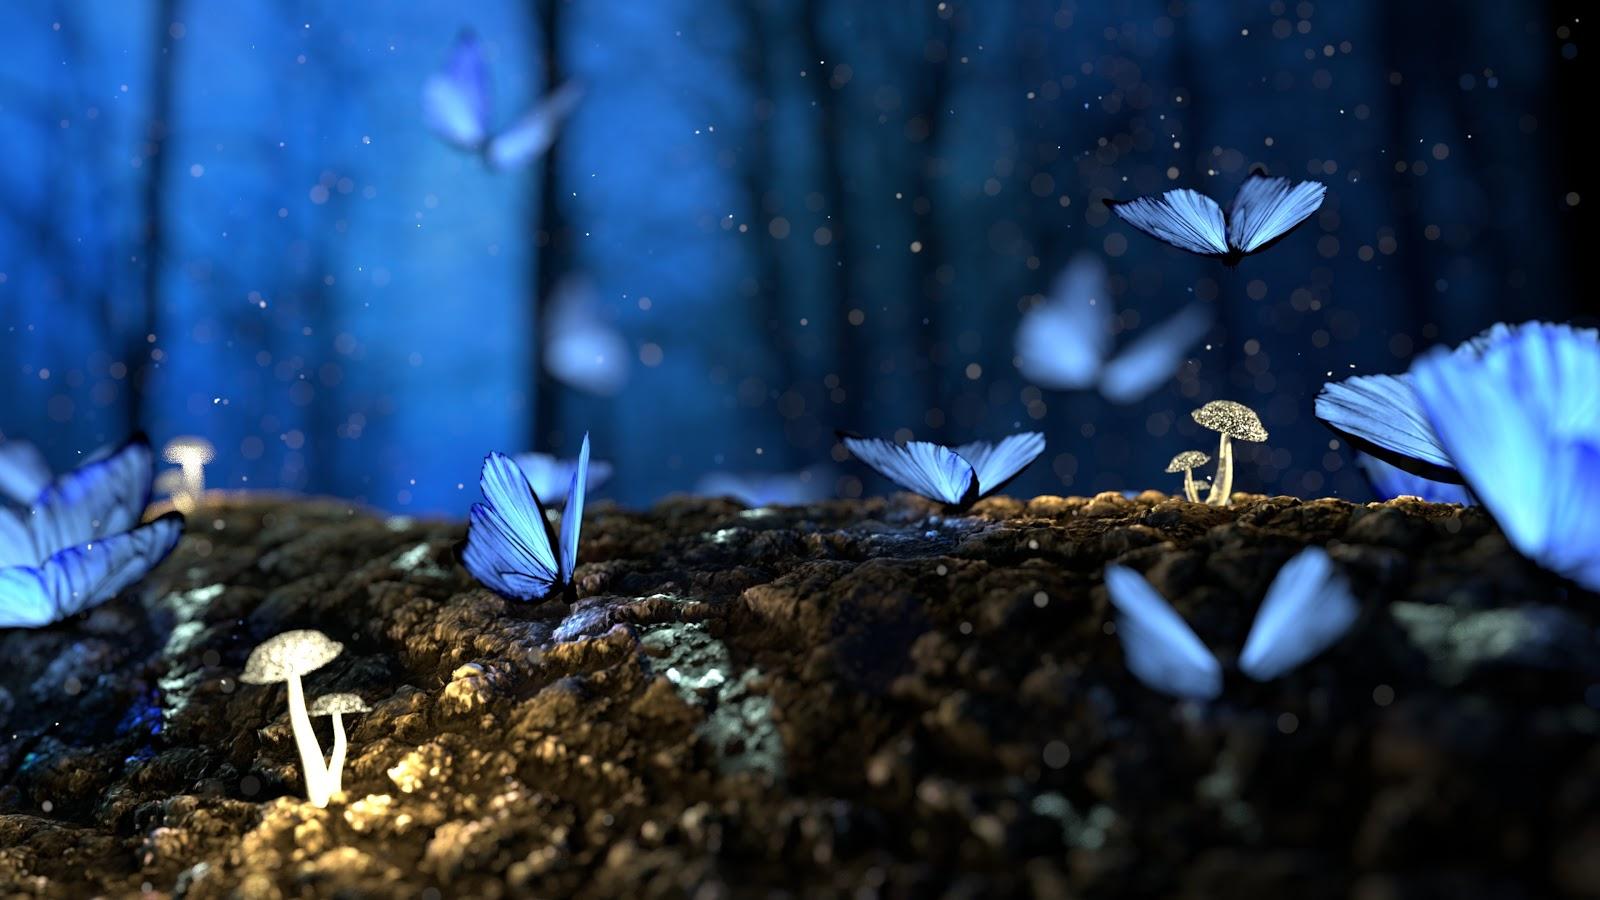 薄暗い森の中の白い小さな茸と共に青い蝶が何匹も集まっている